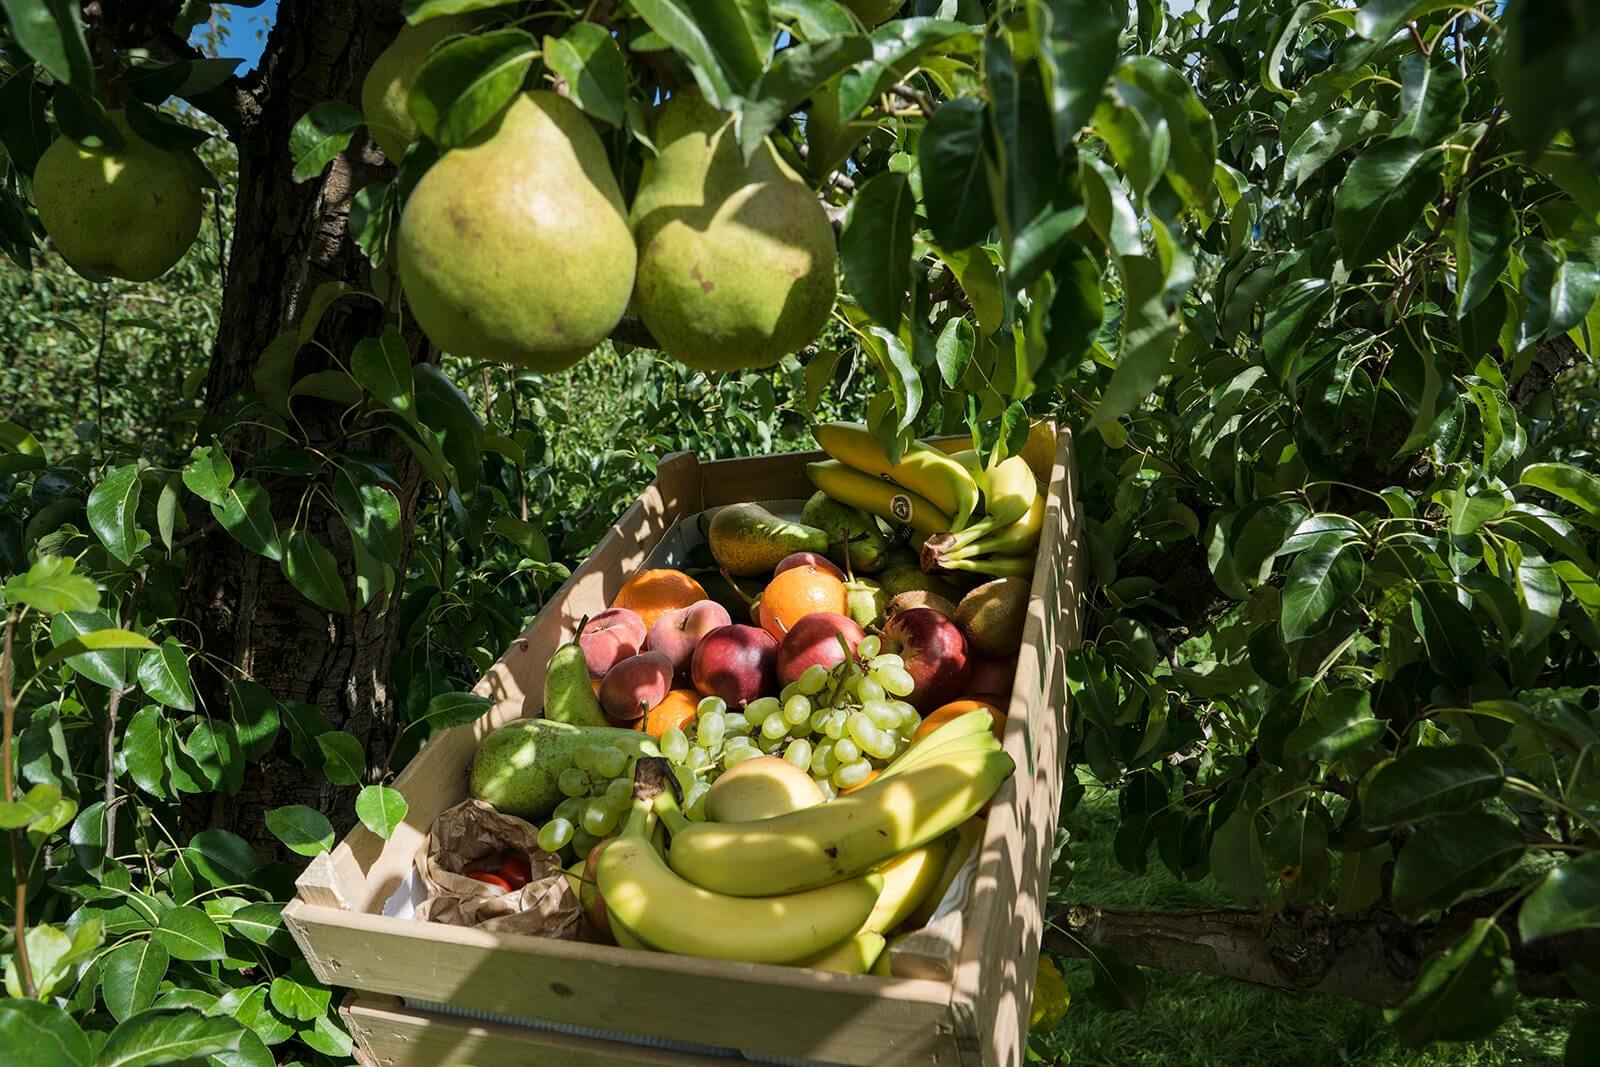 Seizoensfruit